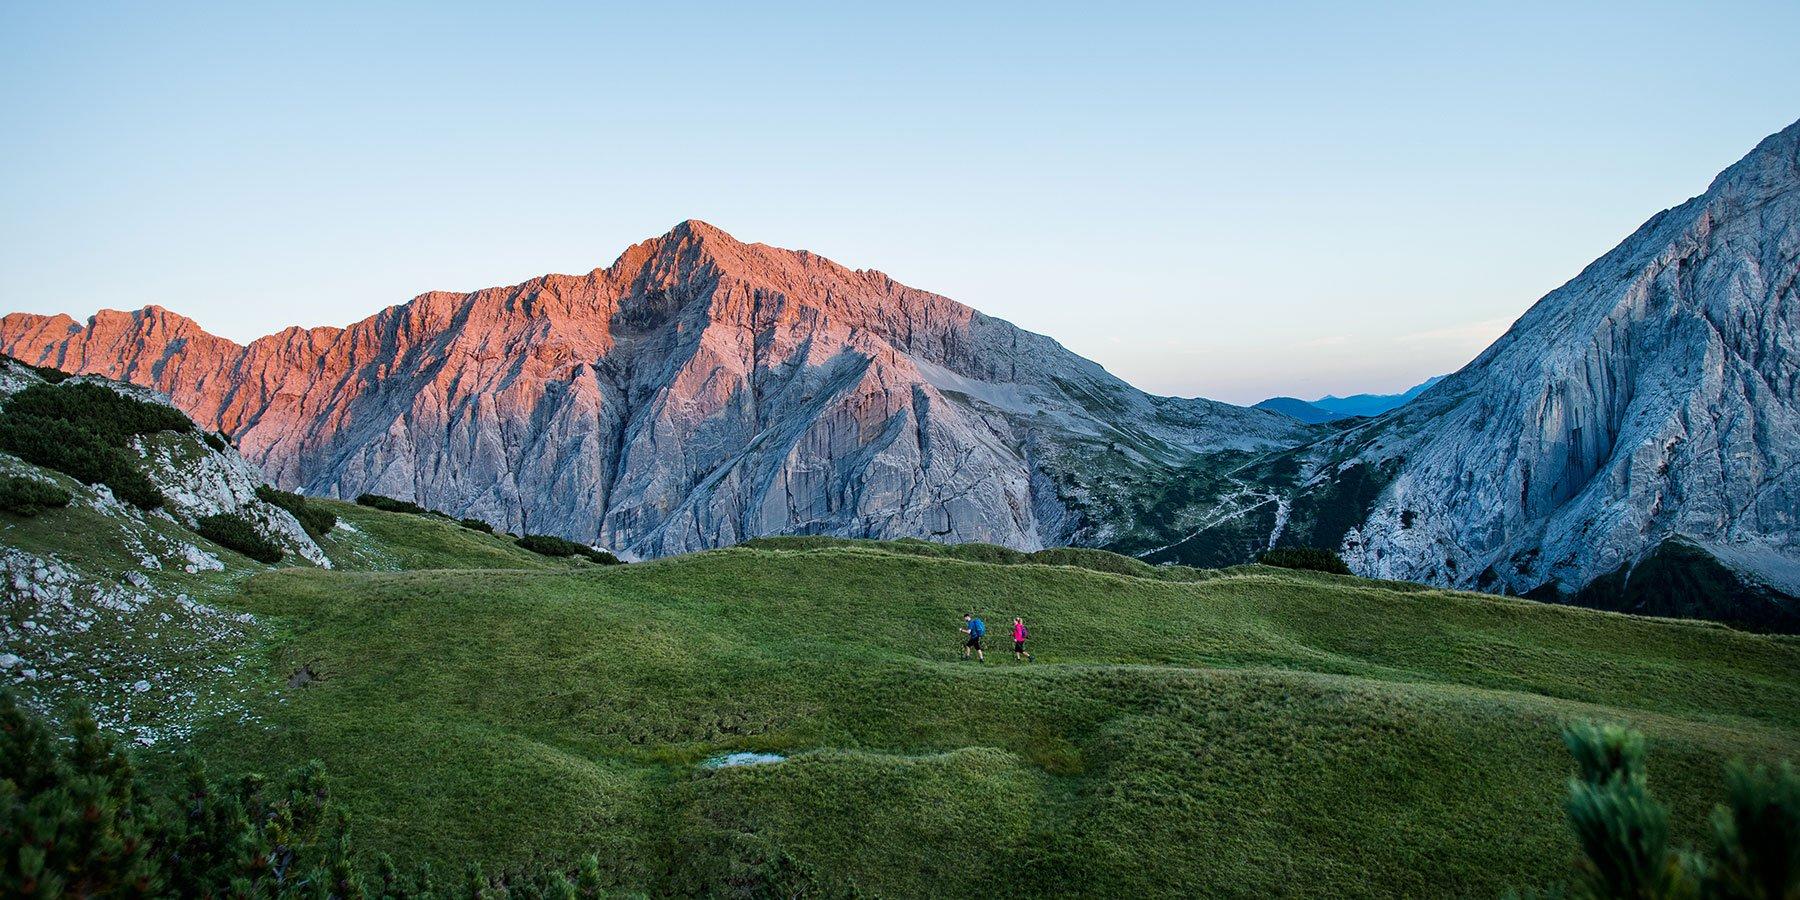 Wandern in Karwendelgebirge